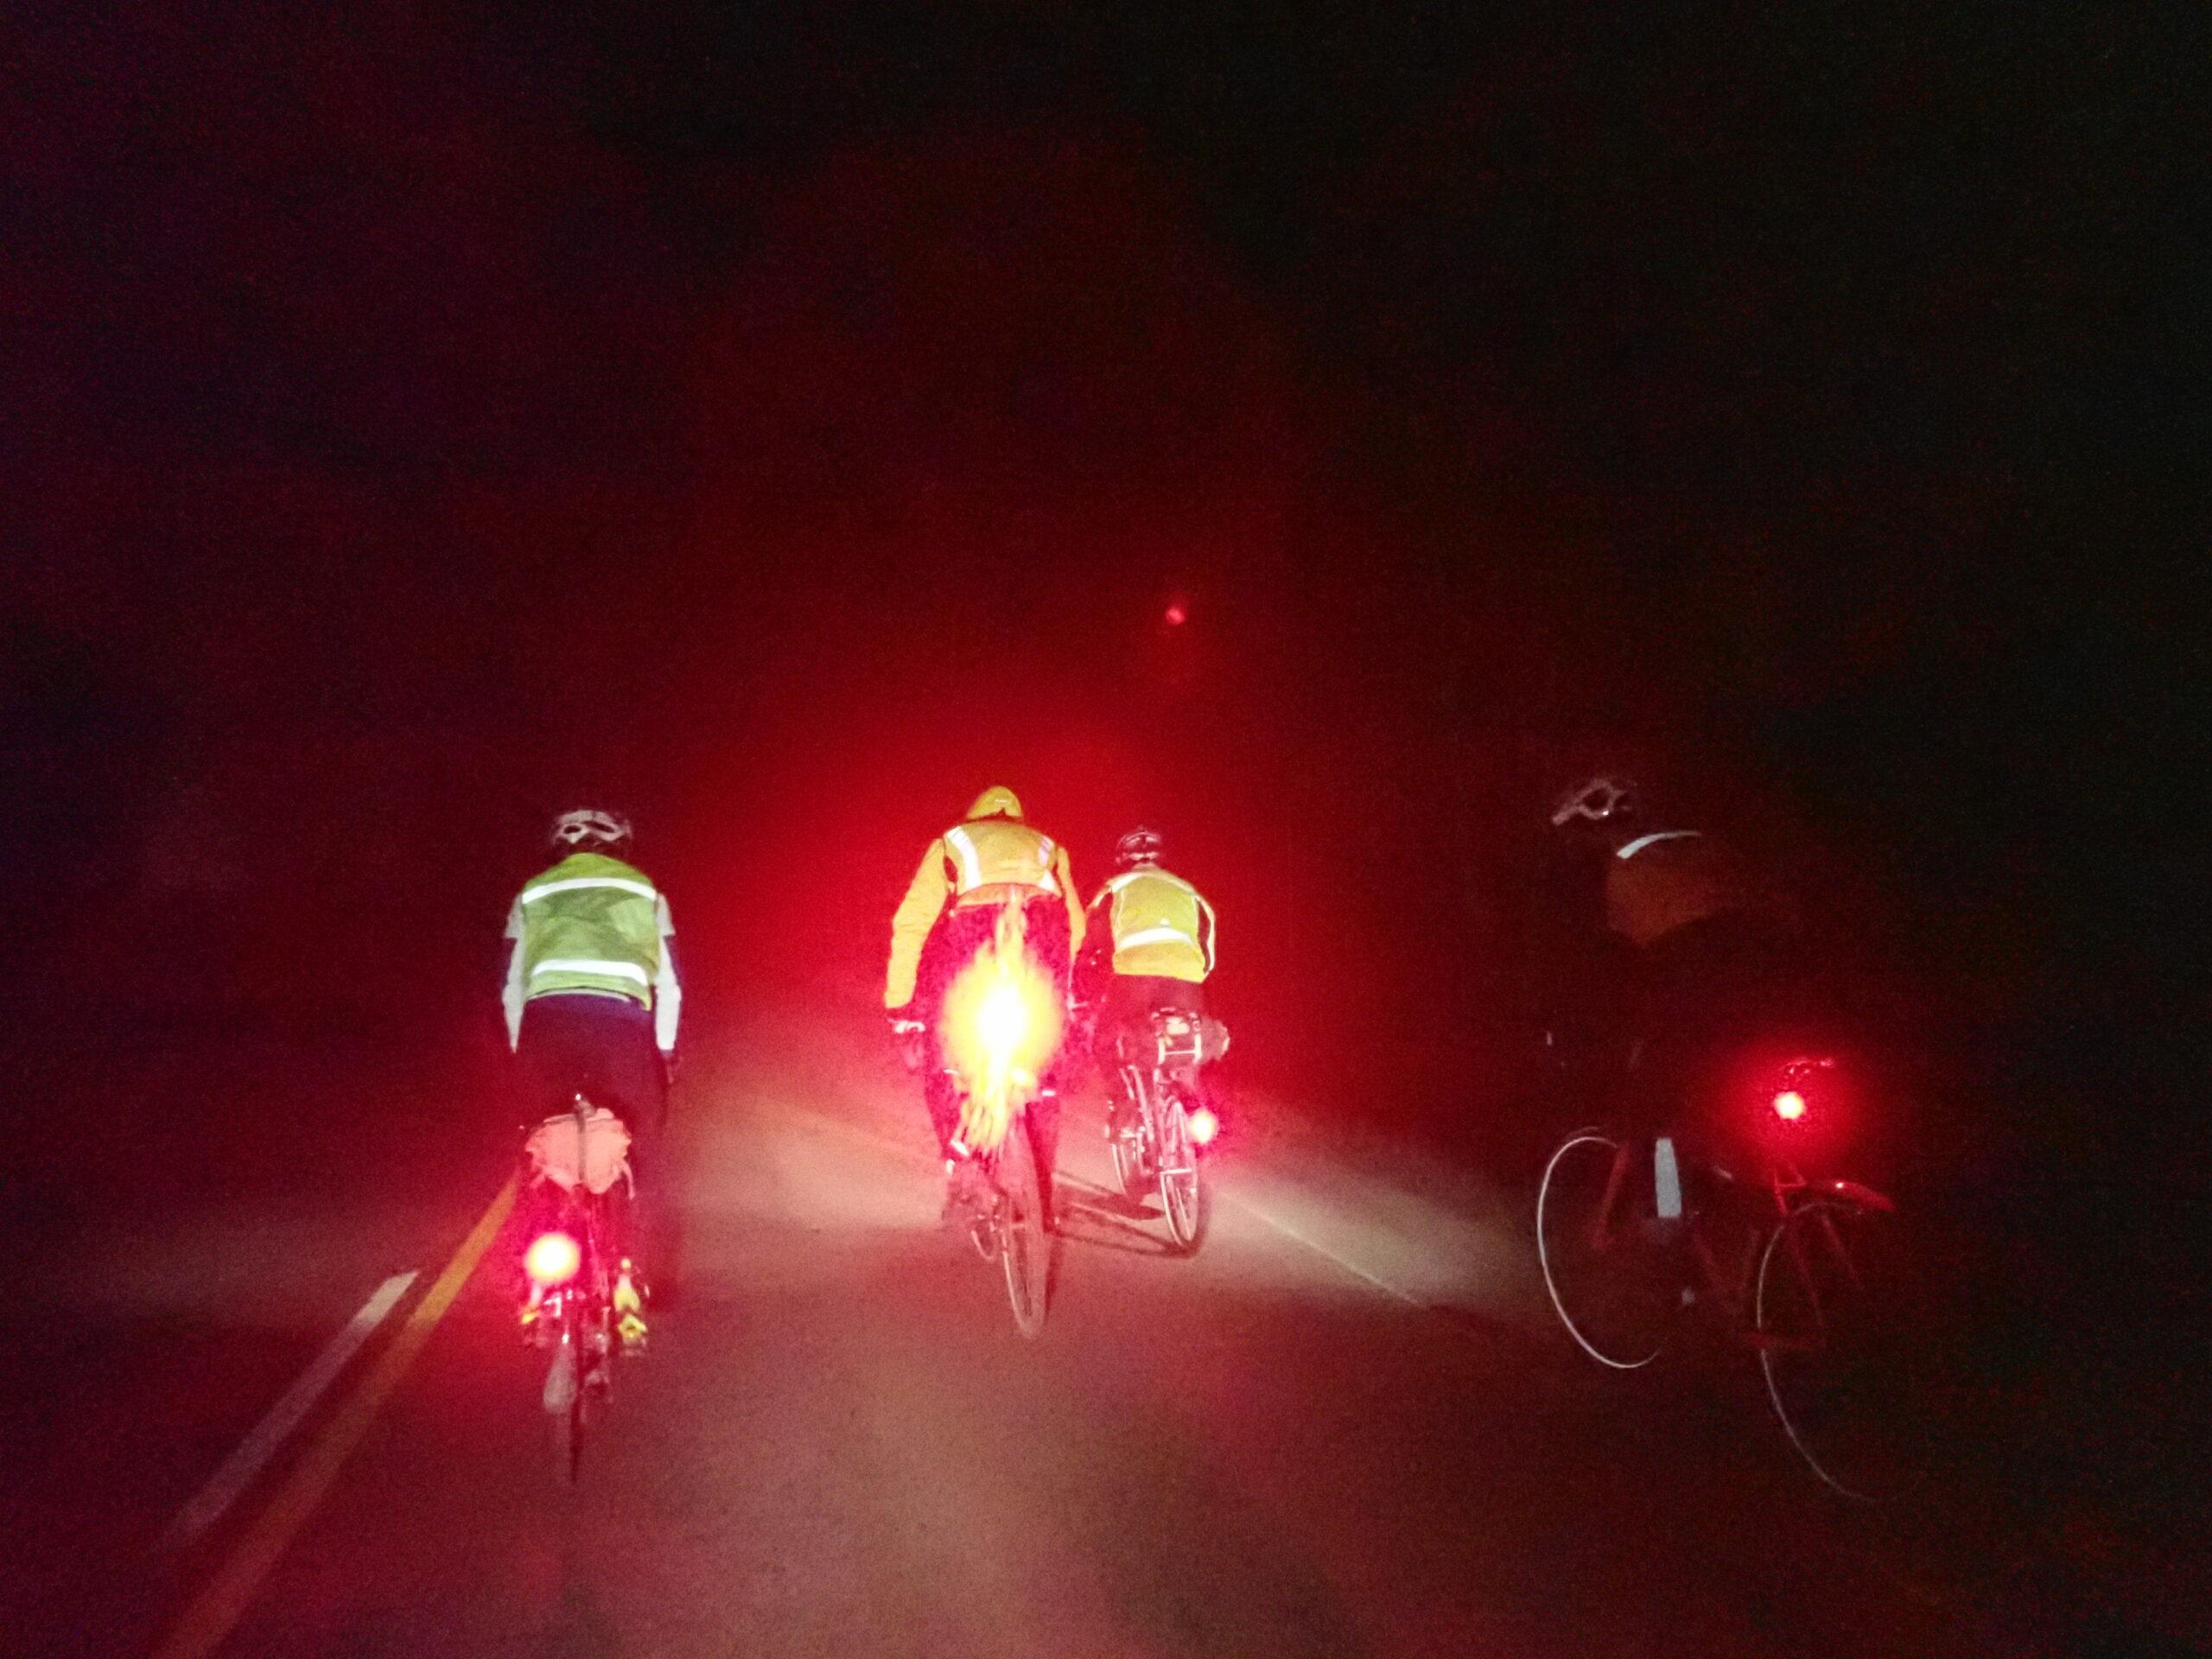 Pyöräilijöitä pimeällä tiellä